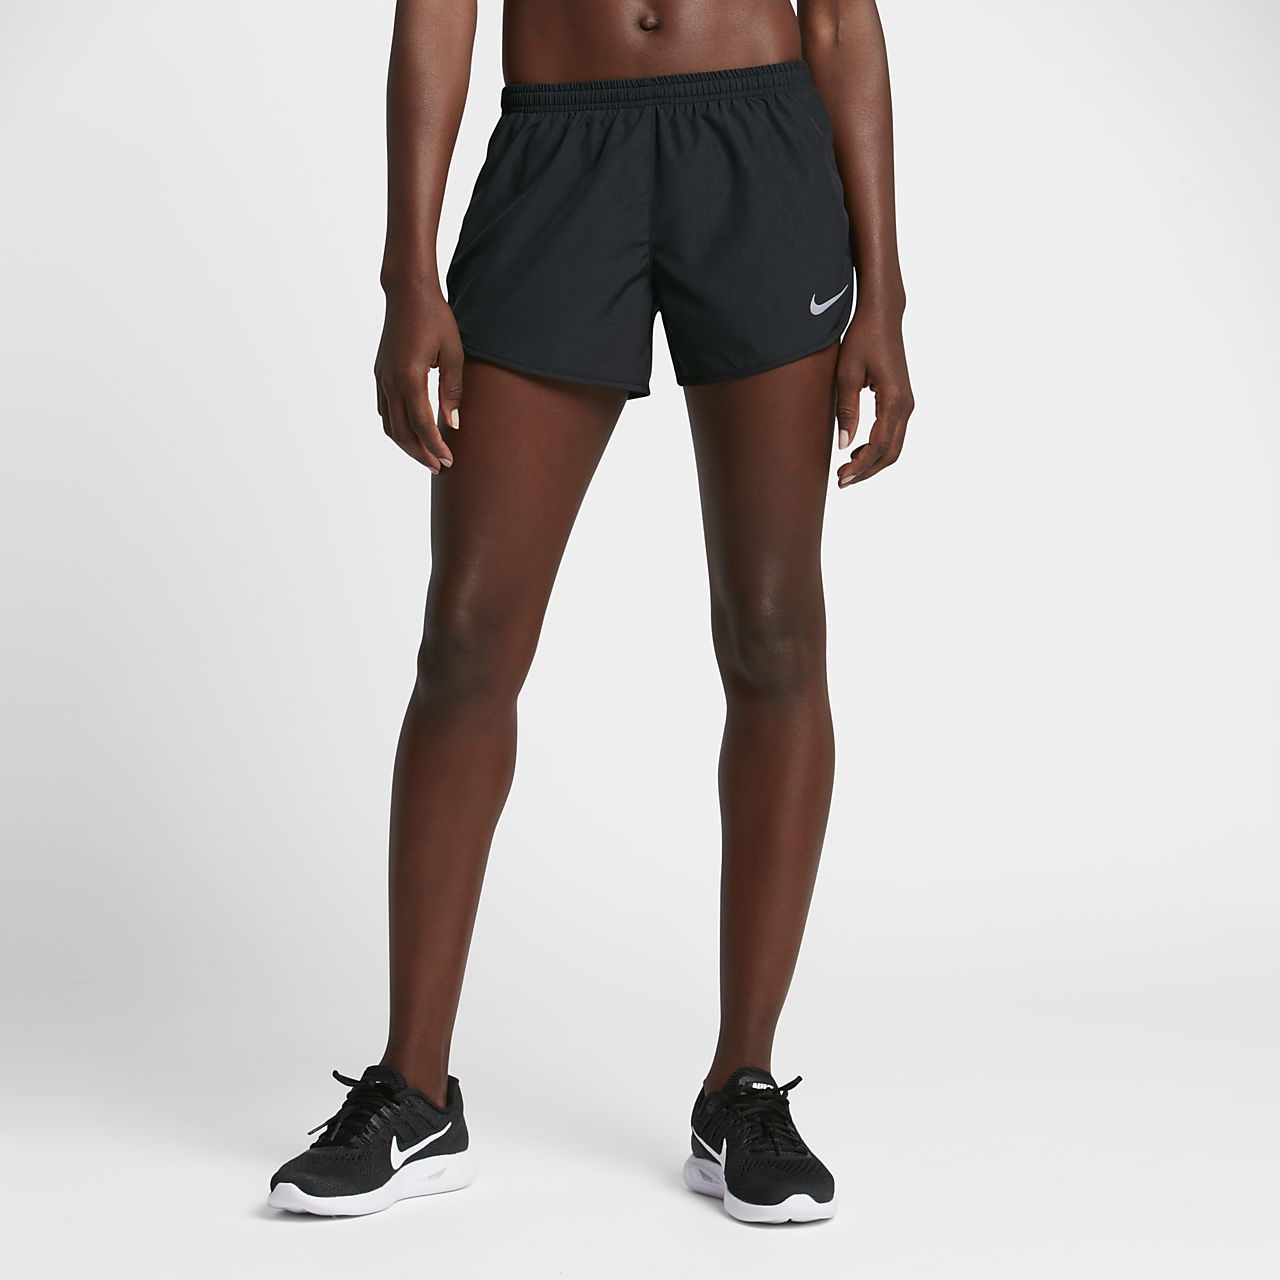 c59ae2a1095 Nike Modern Tempo Women's 3